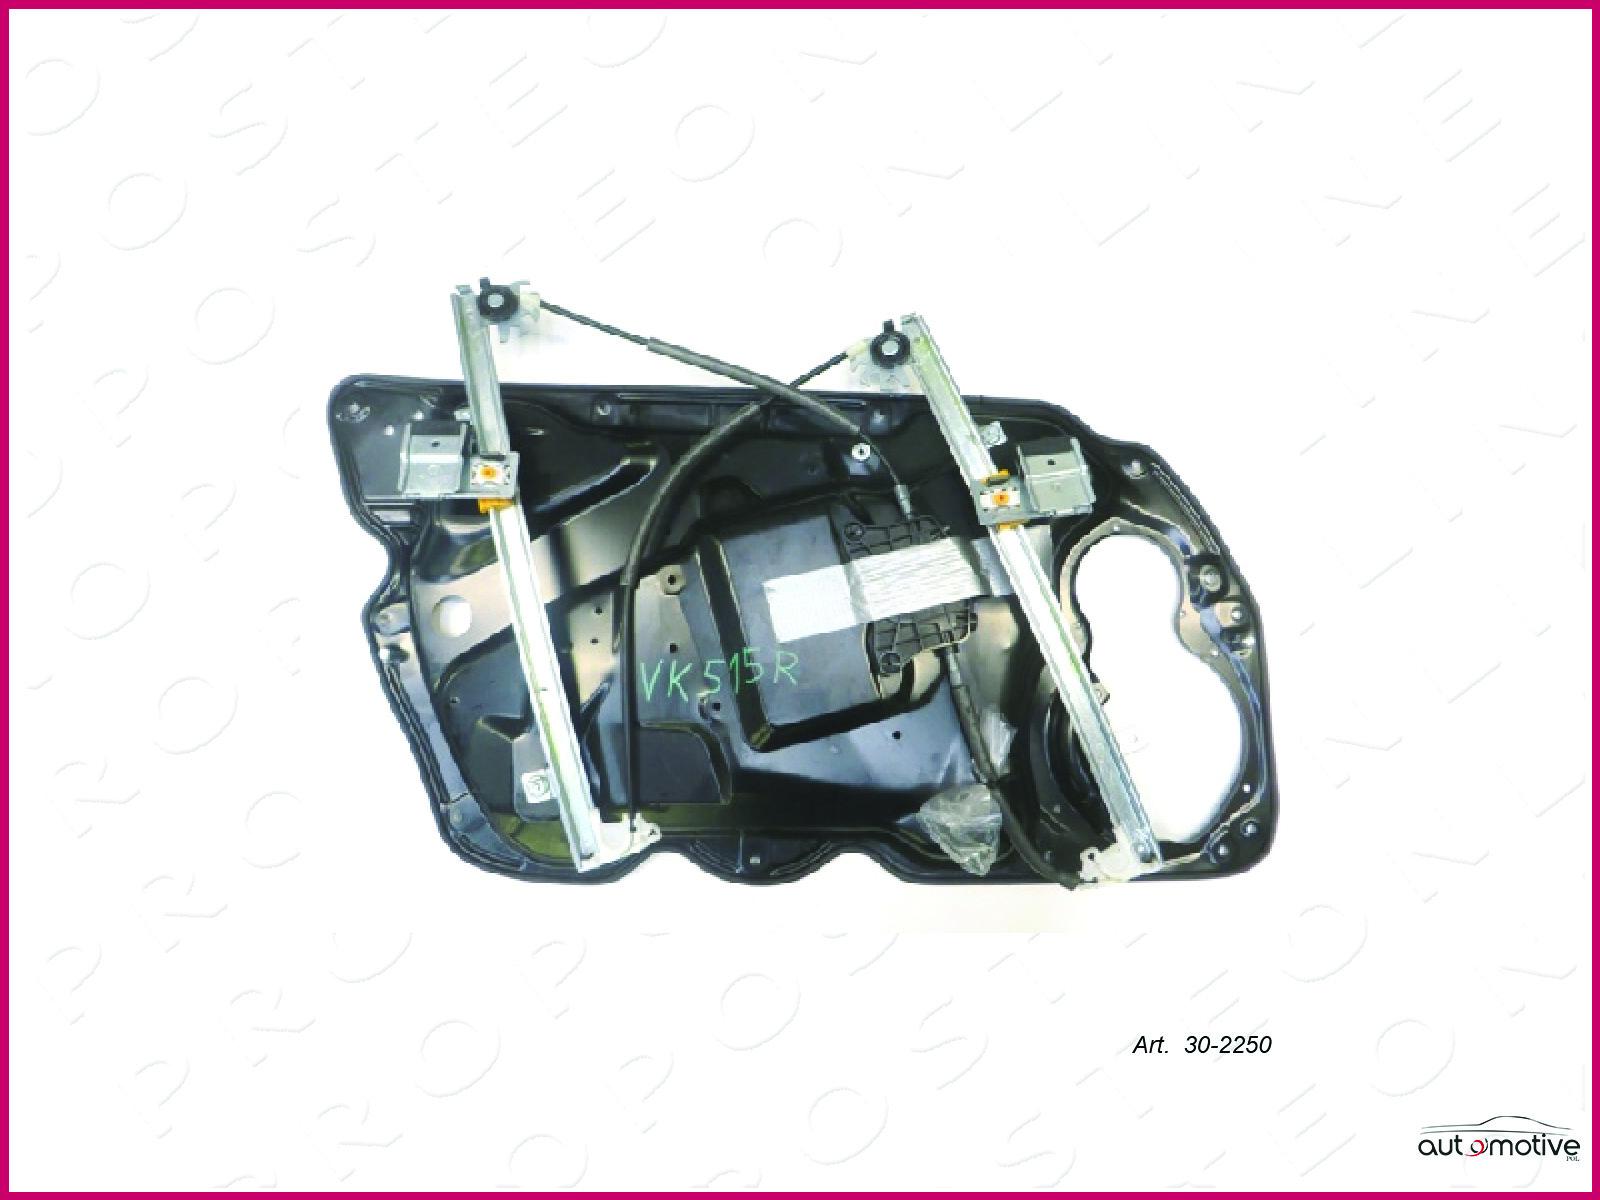 Panneau-Mecanisme-Vitres-Anterieur-Droit-Volkswagen-Passat-3C-5P-2005-2011